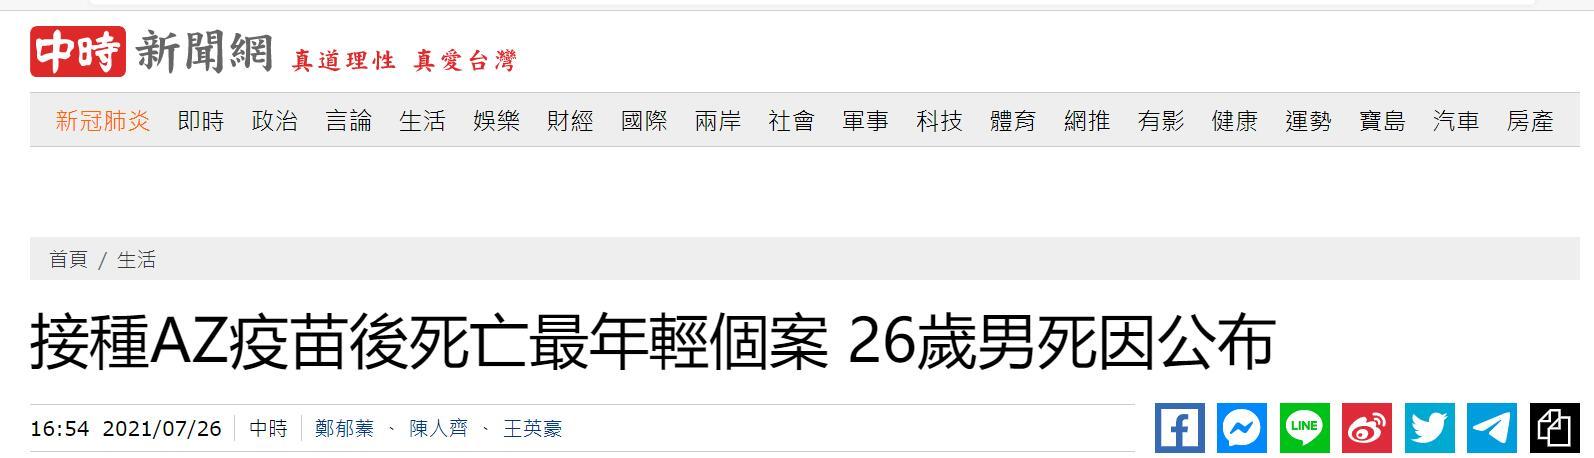 台媒:台湾26岁男子疑接种阿斯利康疫苗后死亡 为岛内最年轻案例图片